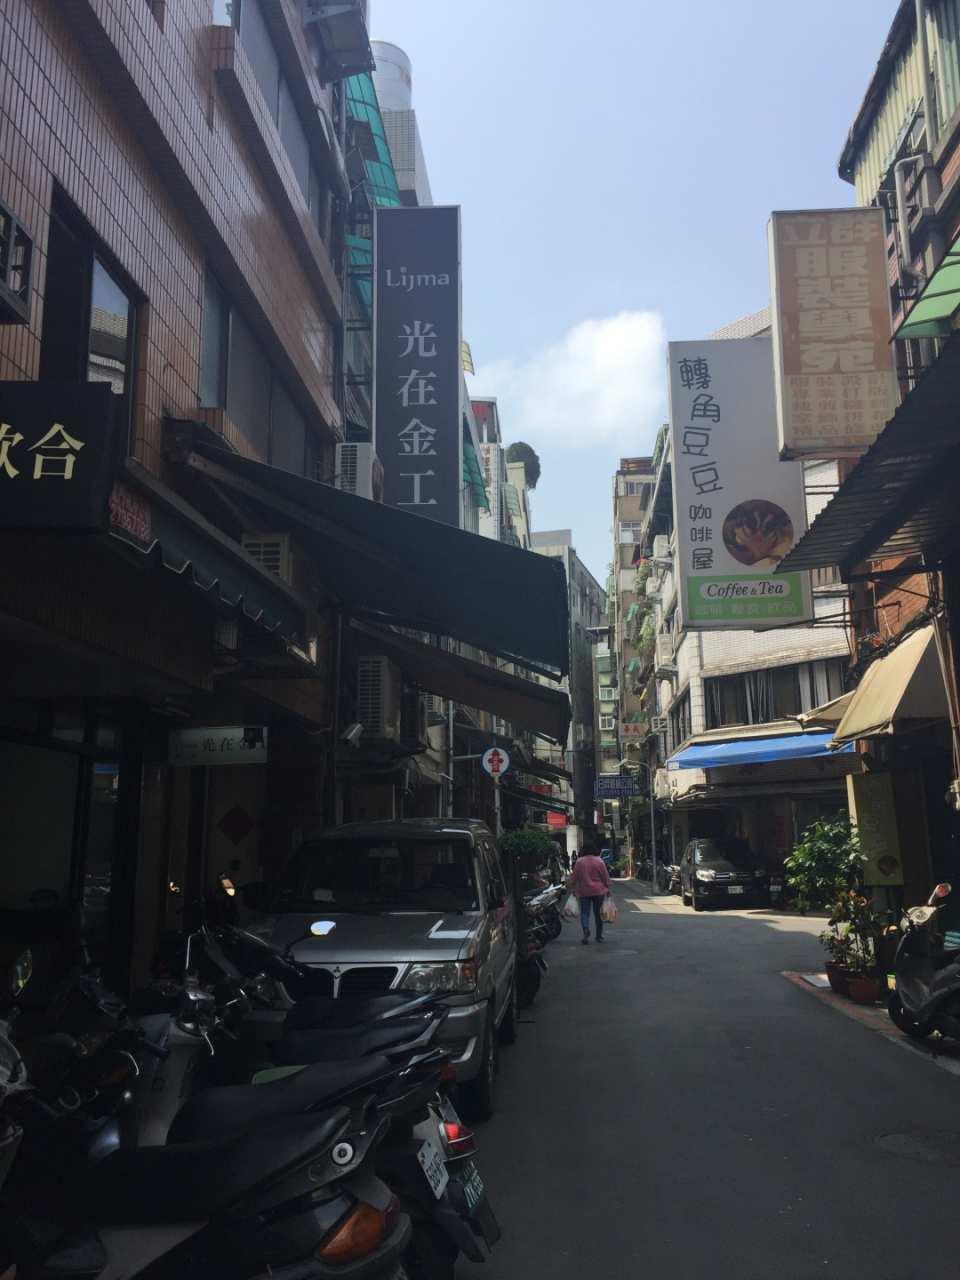 【手作り金属工芸体験】台北迪化街シルバーアクセサリー手作り教室